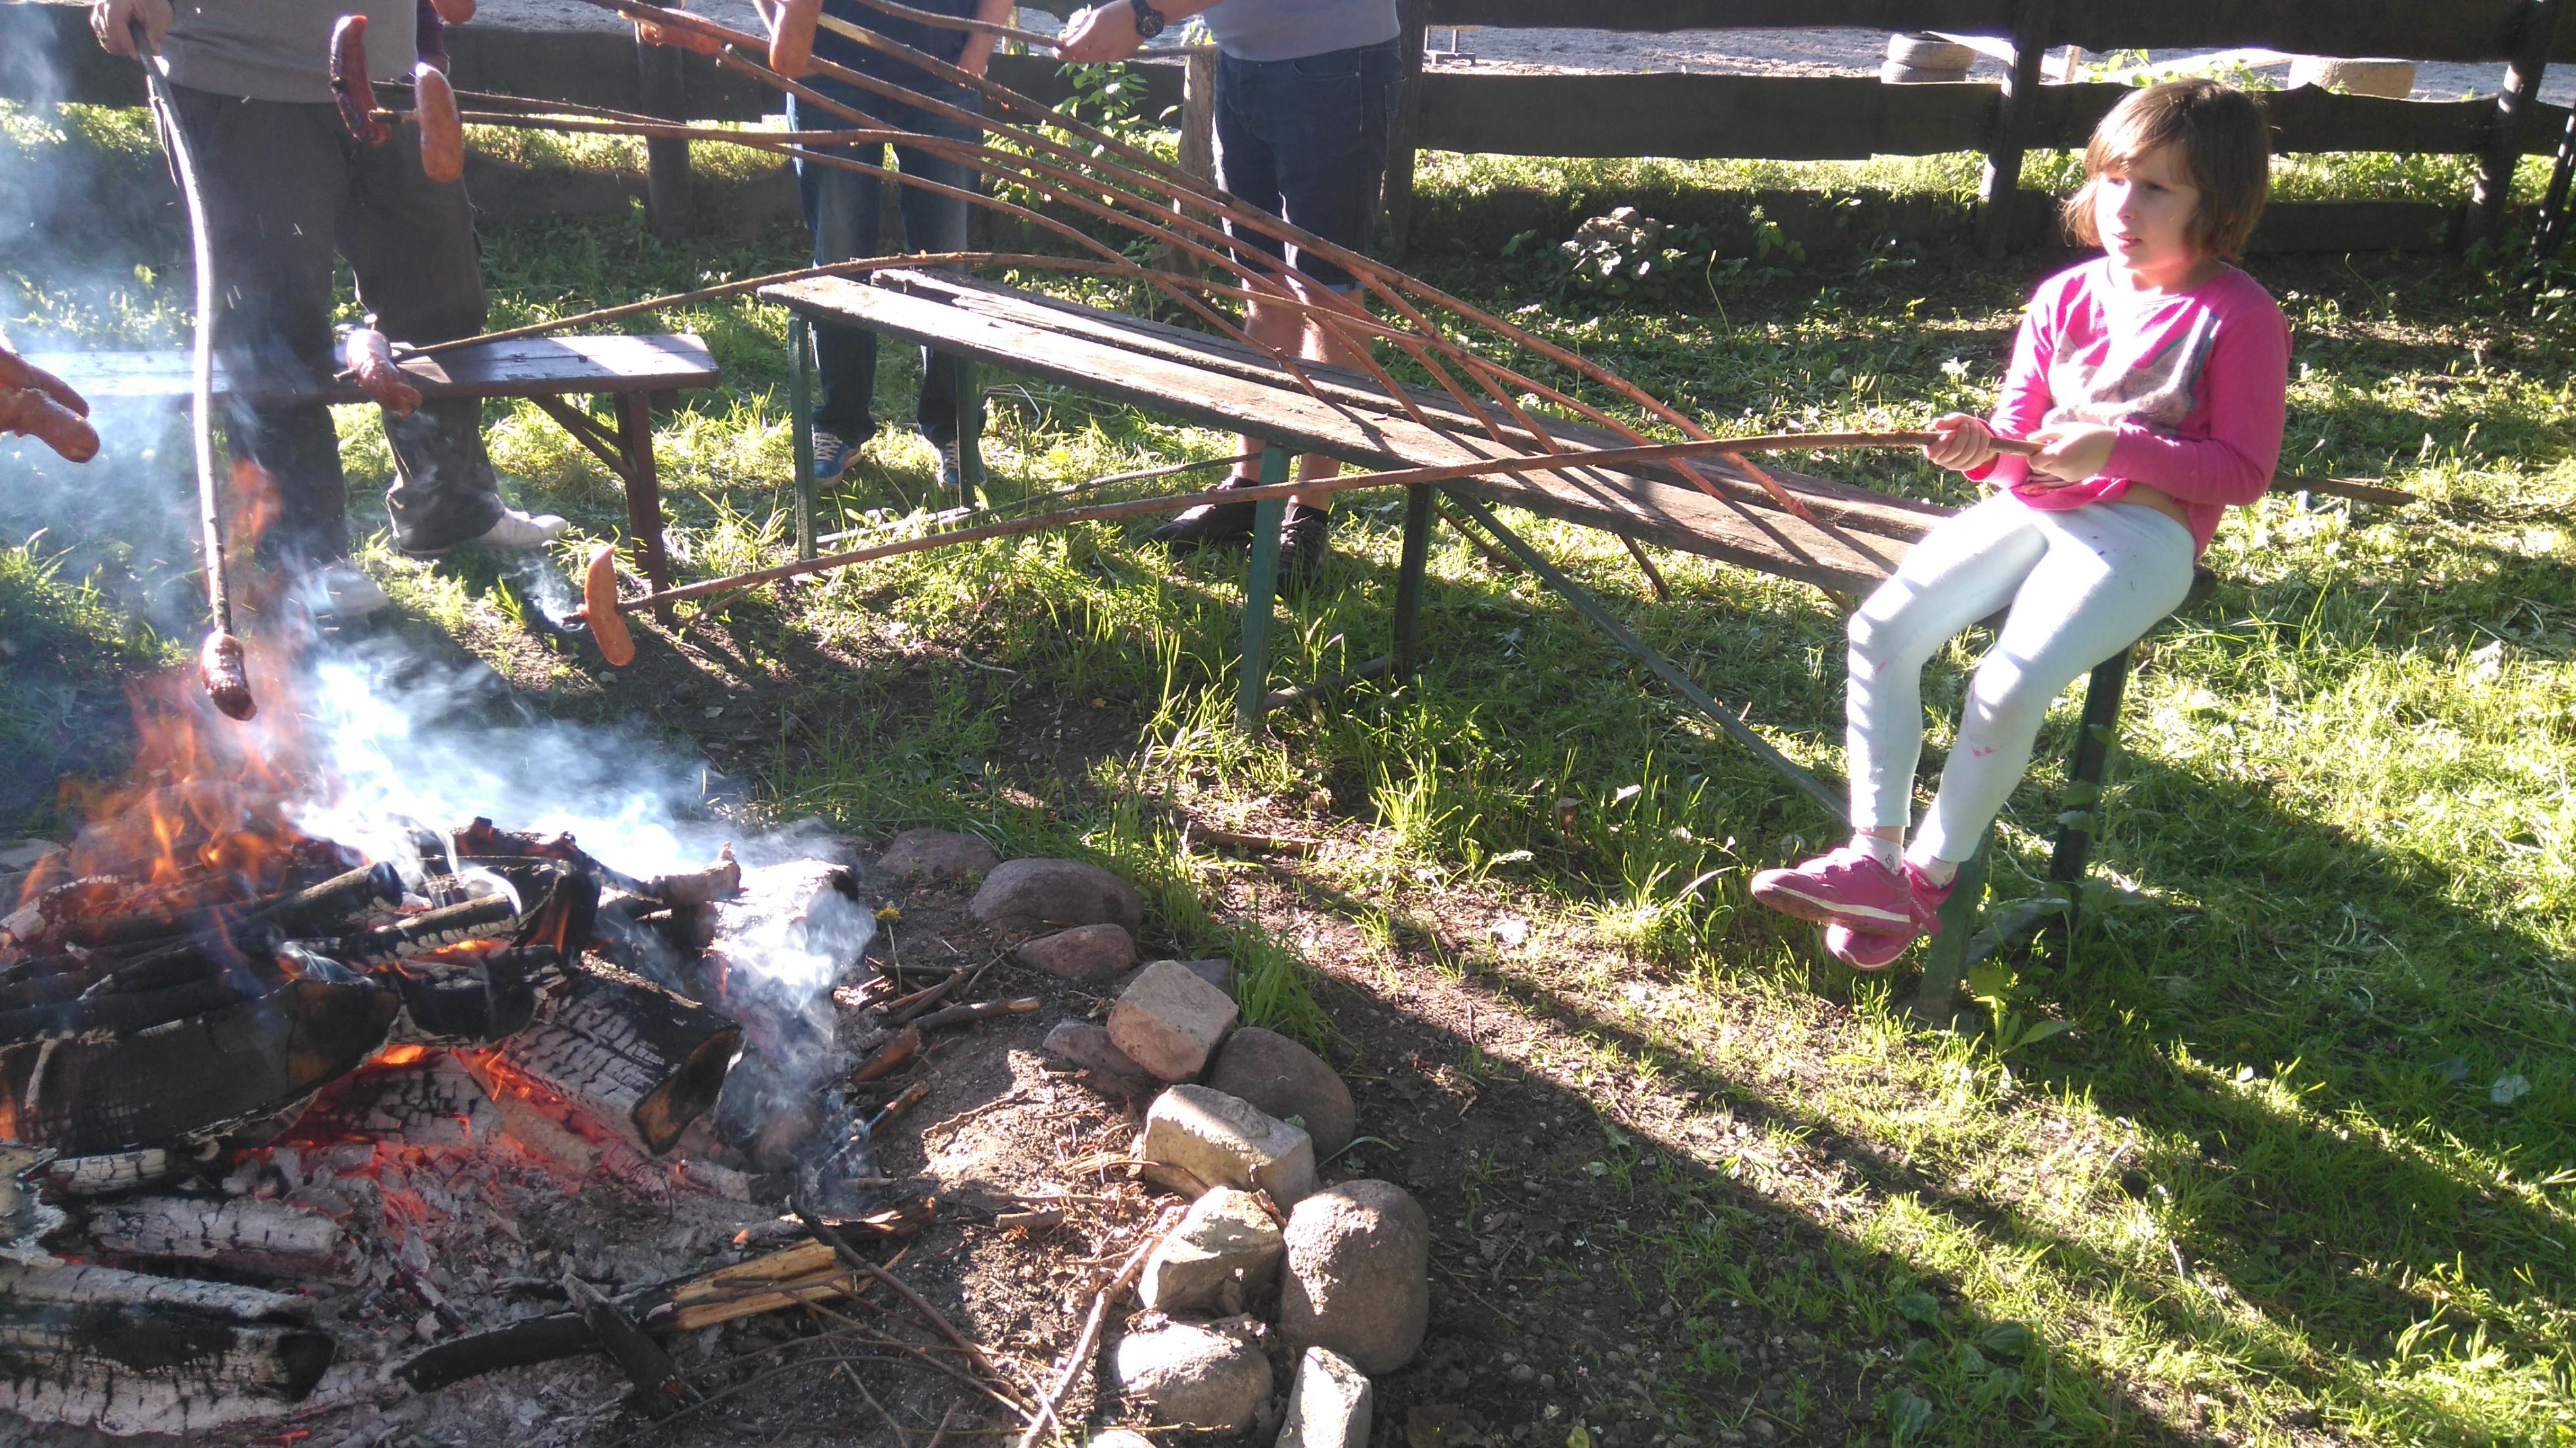 pieczenie kiełbasek na ognisku